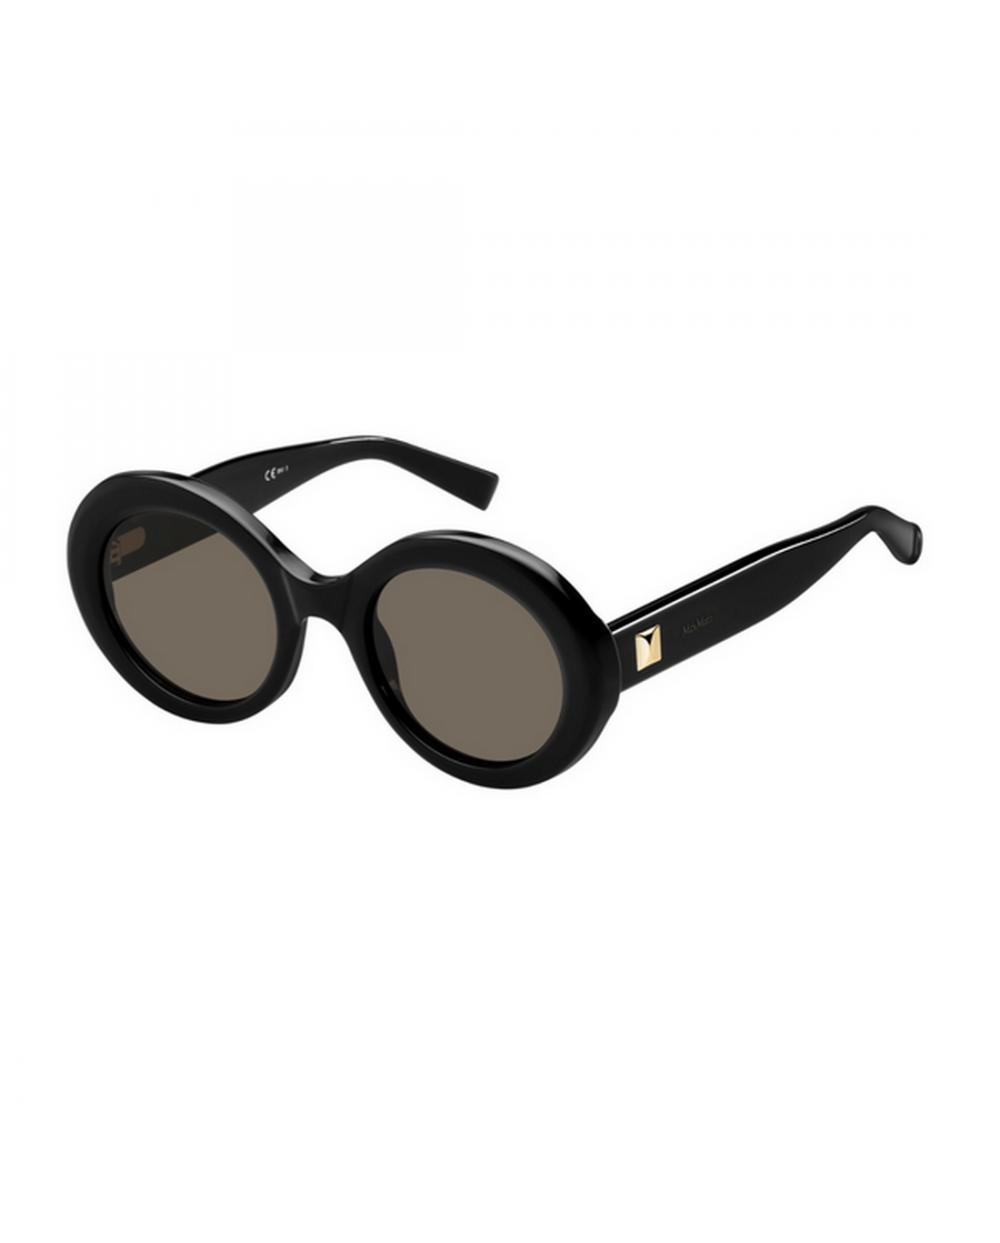 Occhiale da sole Max Mara MM Prism Viii confezione originale garanzia italia